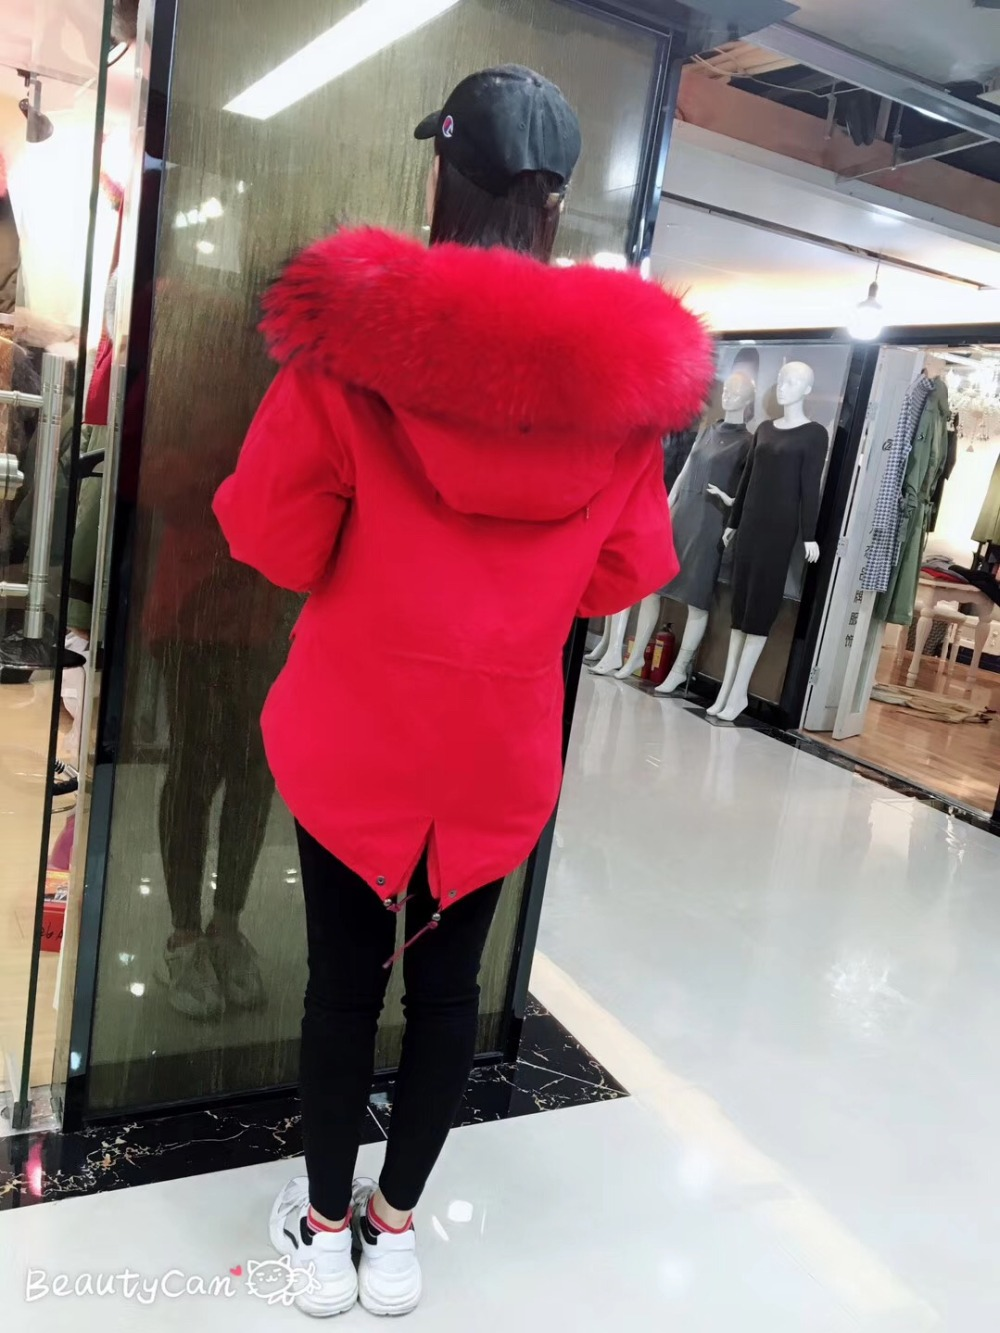 Noël Capot Fourrure Outwear Jzayv De Design Manteau Raton 2018 Grand Laveur Brigth Rouge Avec Mode Col Femmes Parkas qqZP6x